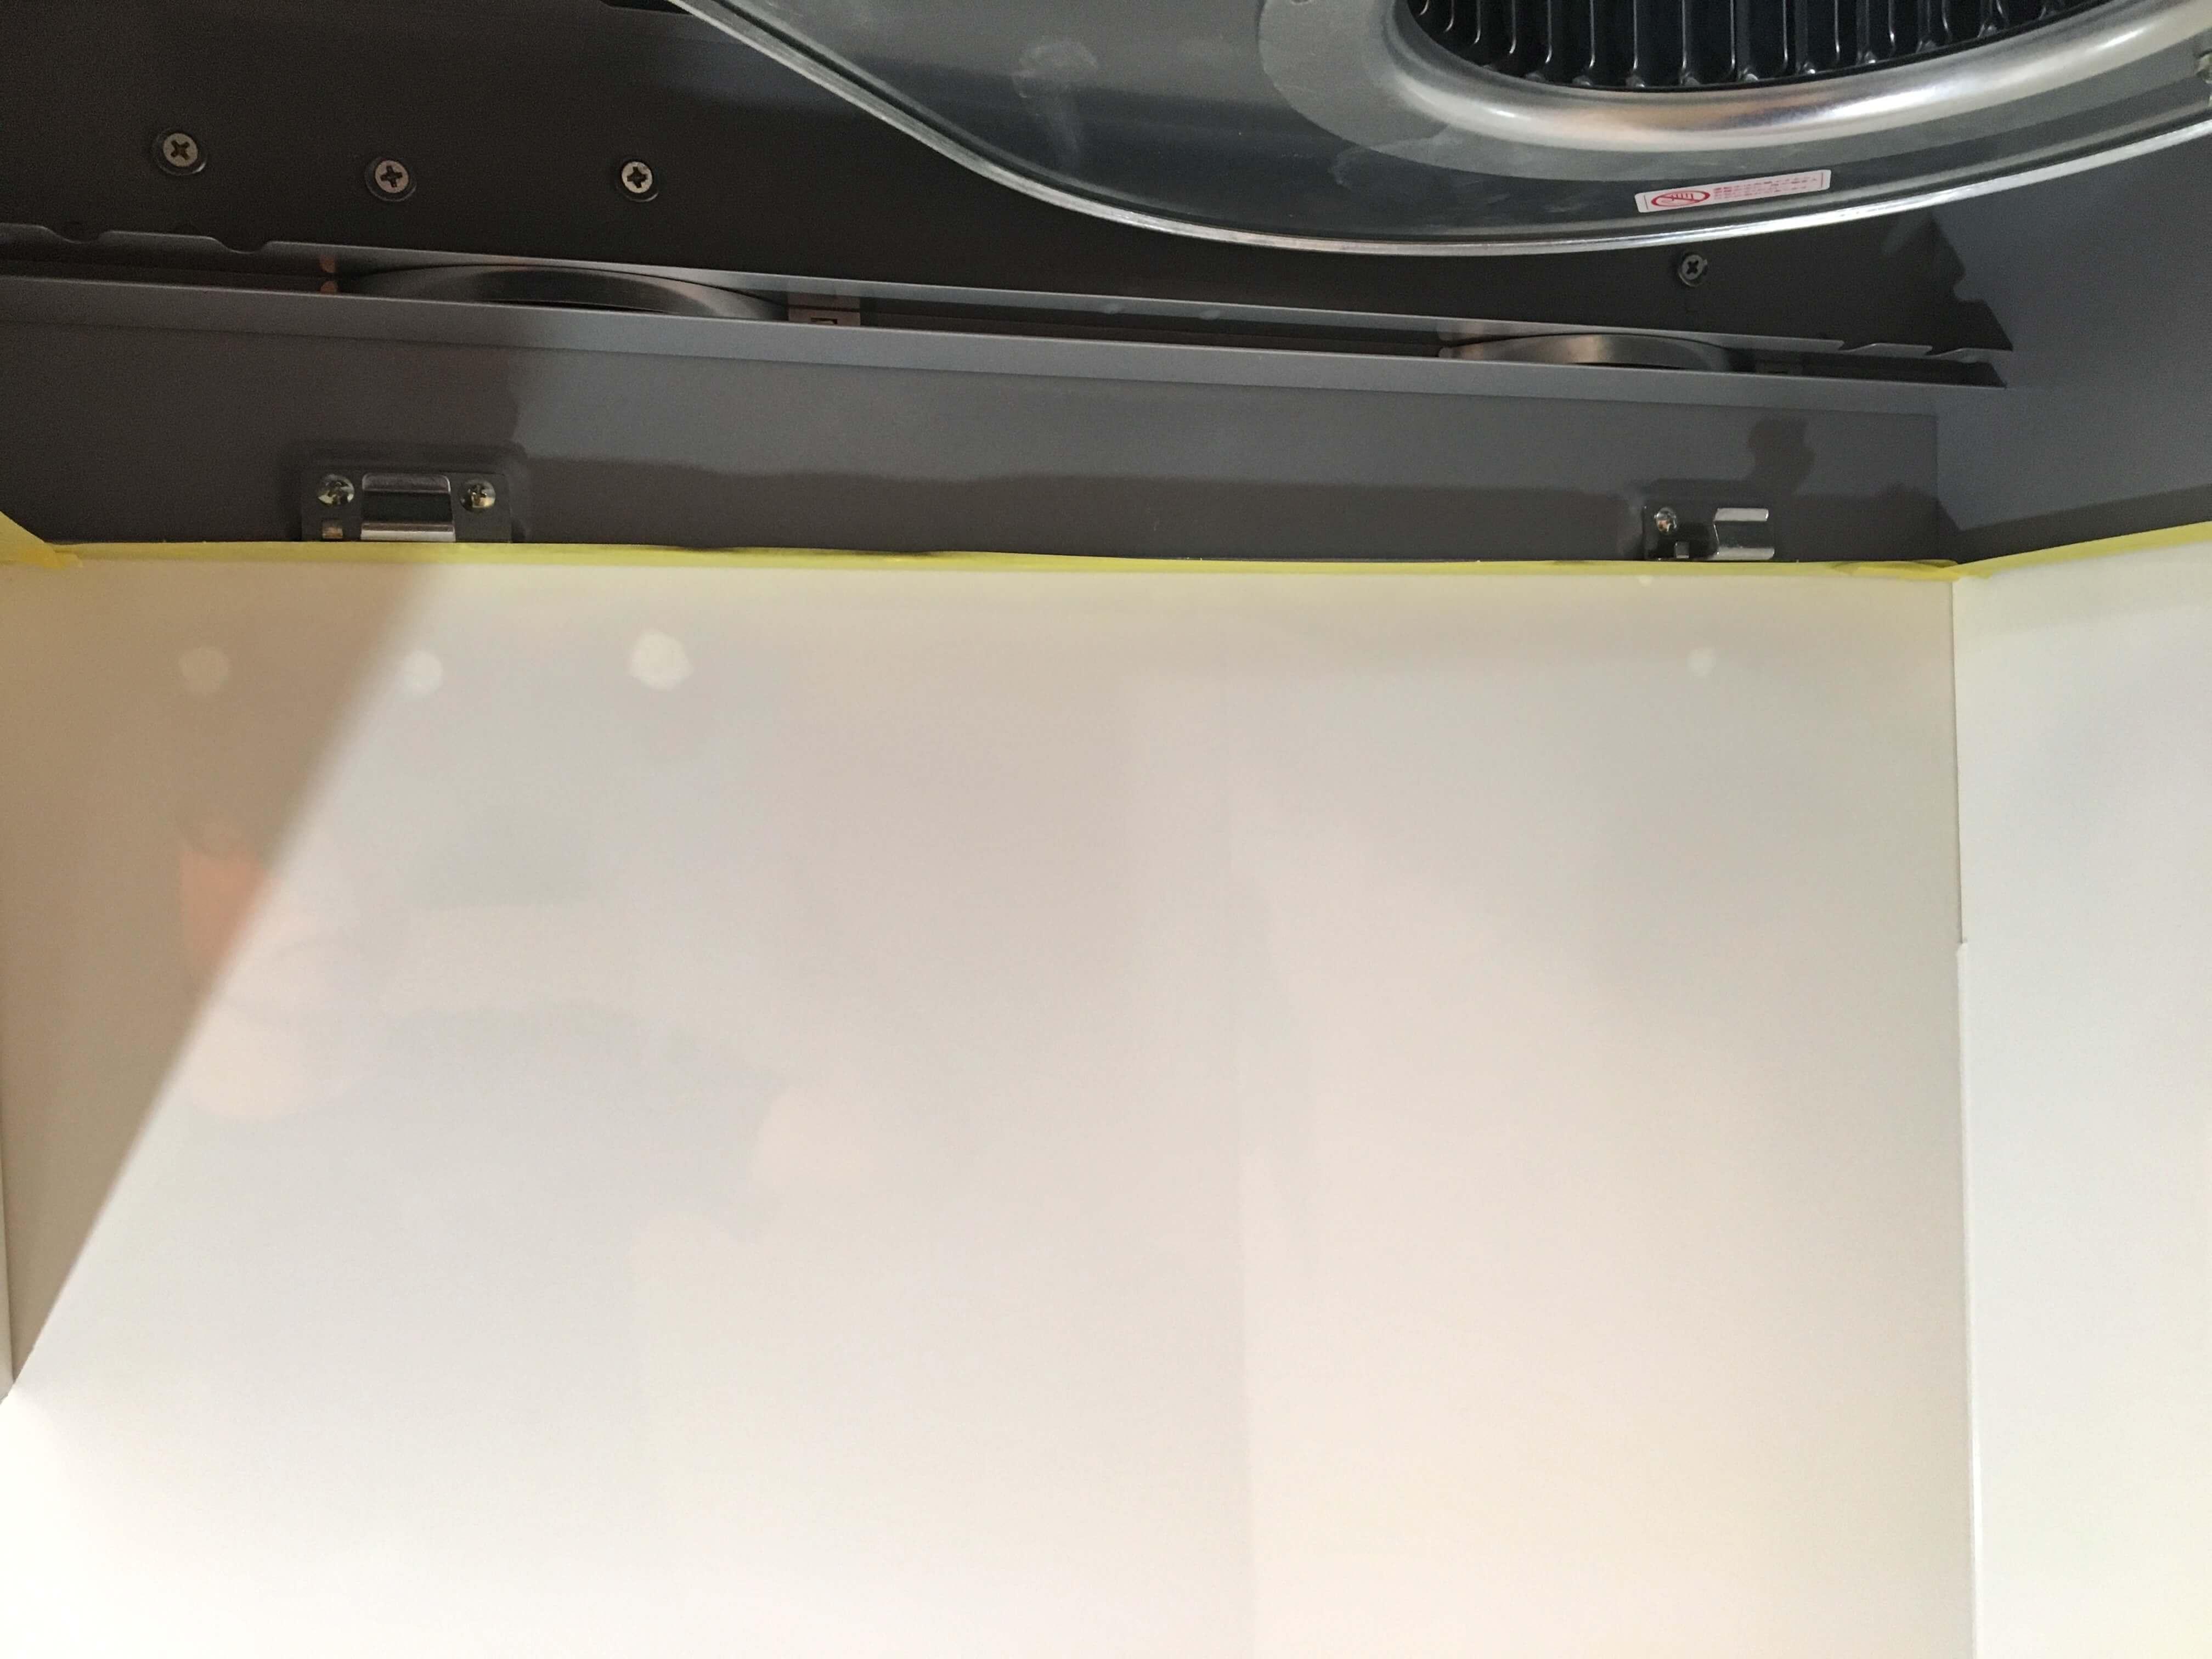 鏡面キッチンパネルの補修